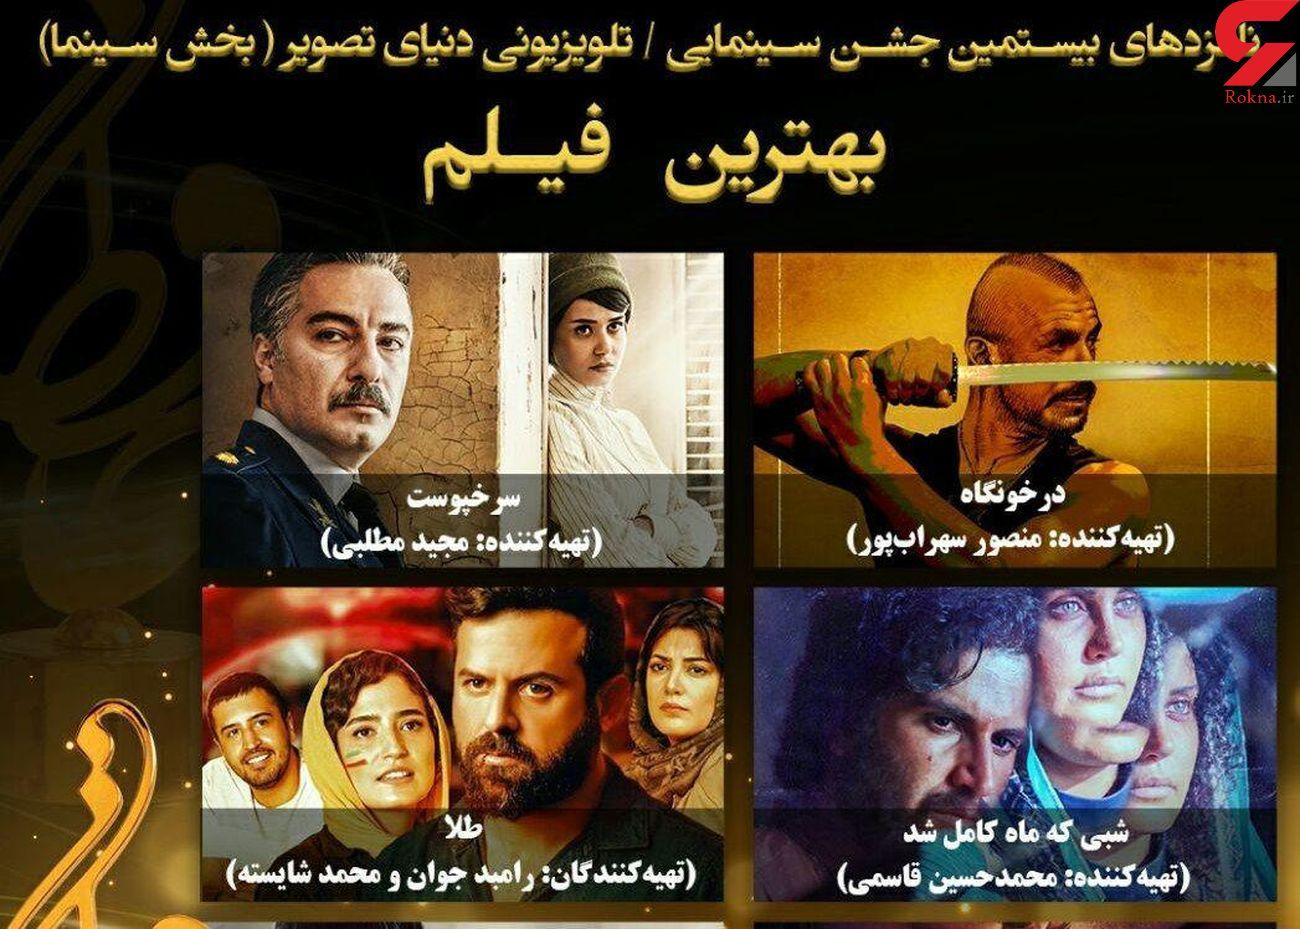 اعلام نامزدهای بخش سینمای بیستمین جشن حافظ